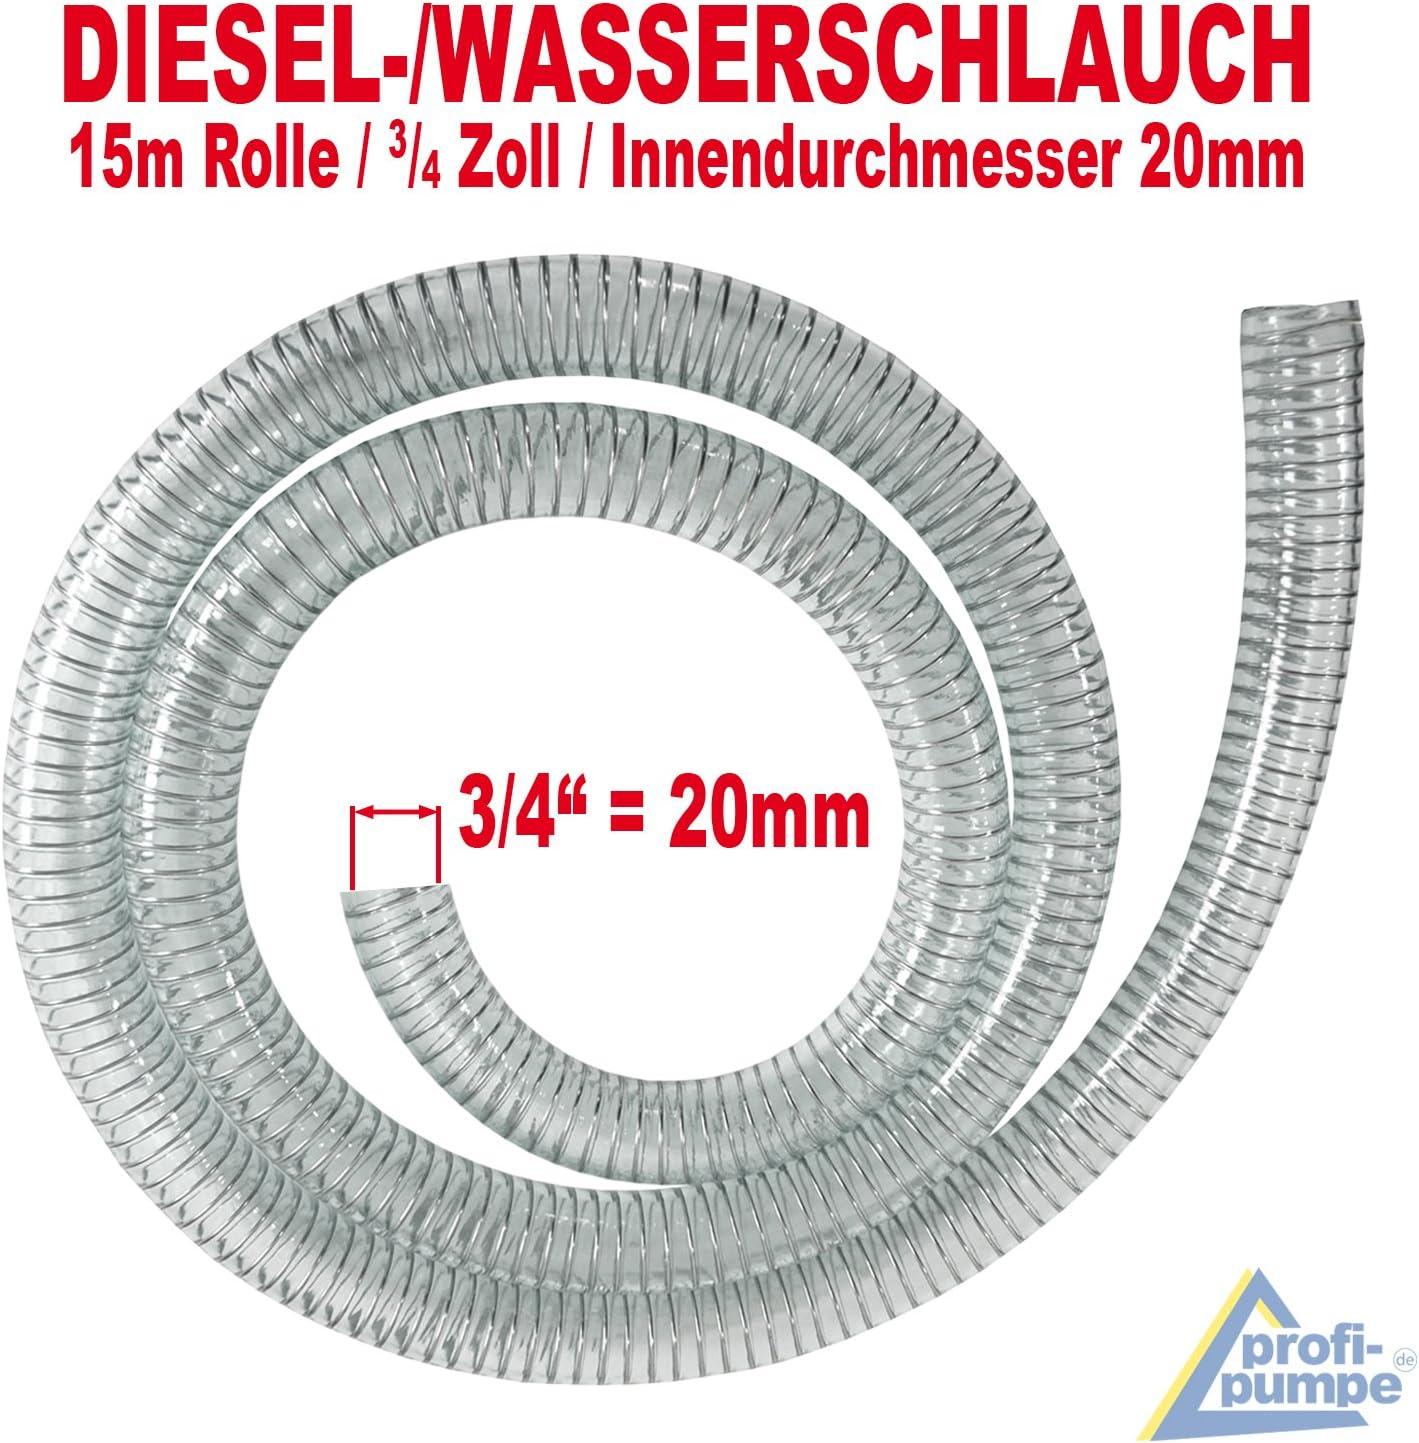 Benzinschlauch f/ür /Ölpumpe Spiralschlauch Saug-//Druckschlauch f/ür Diesel Pumpe Heiz/öl Pumpe Wasserpumpe AMUR Dieselschlauch Spiralschlauch 1 Zoll - 5m /Ölschlauch